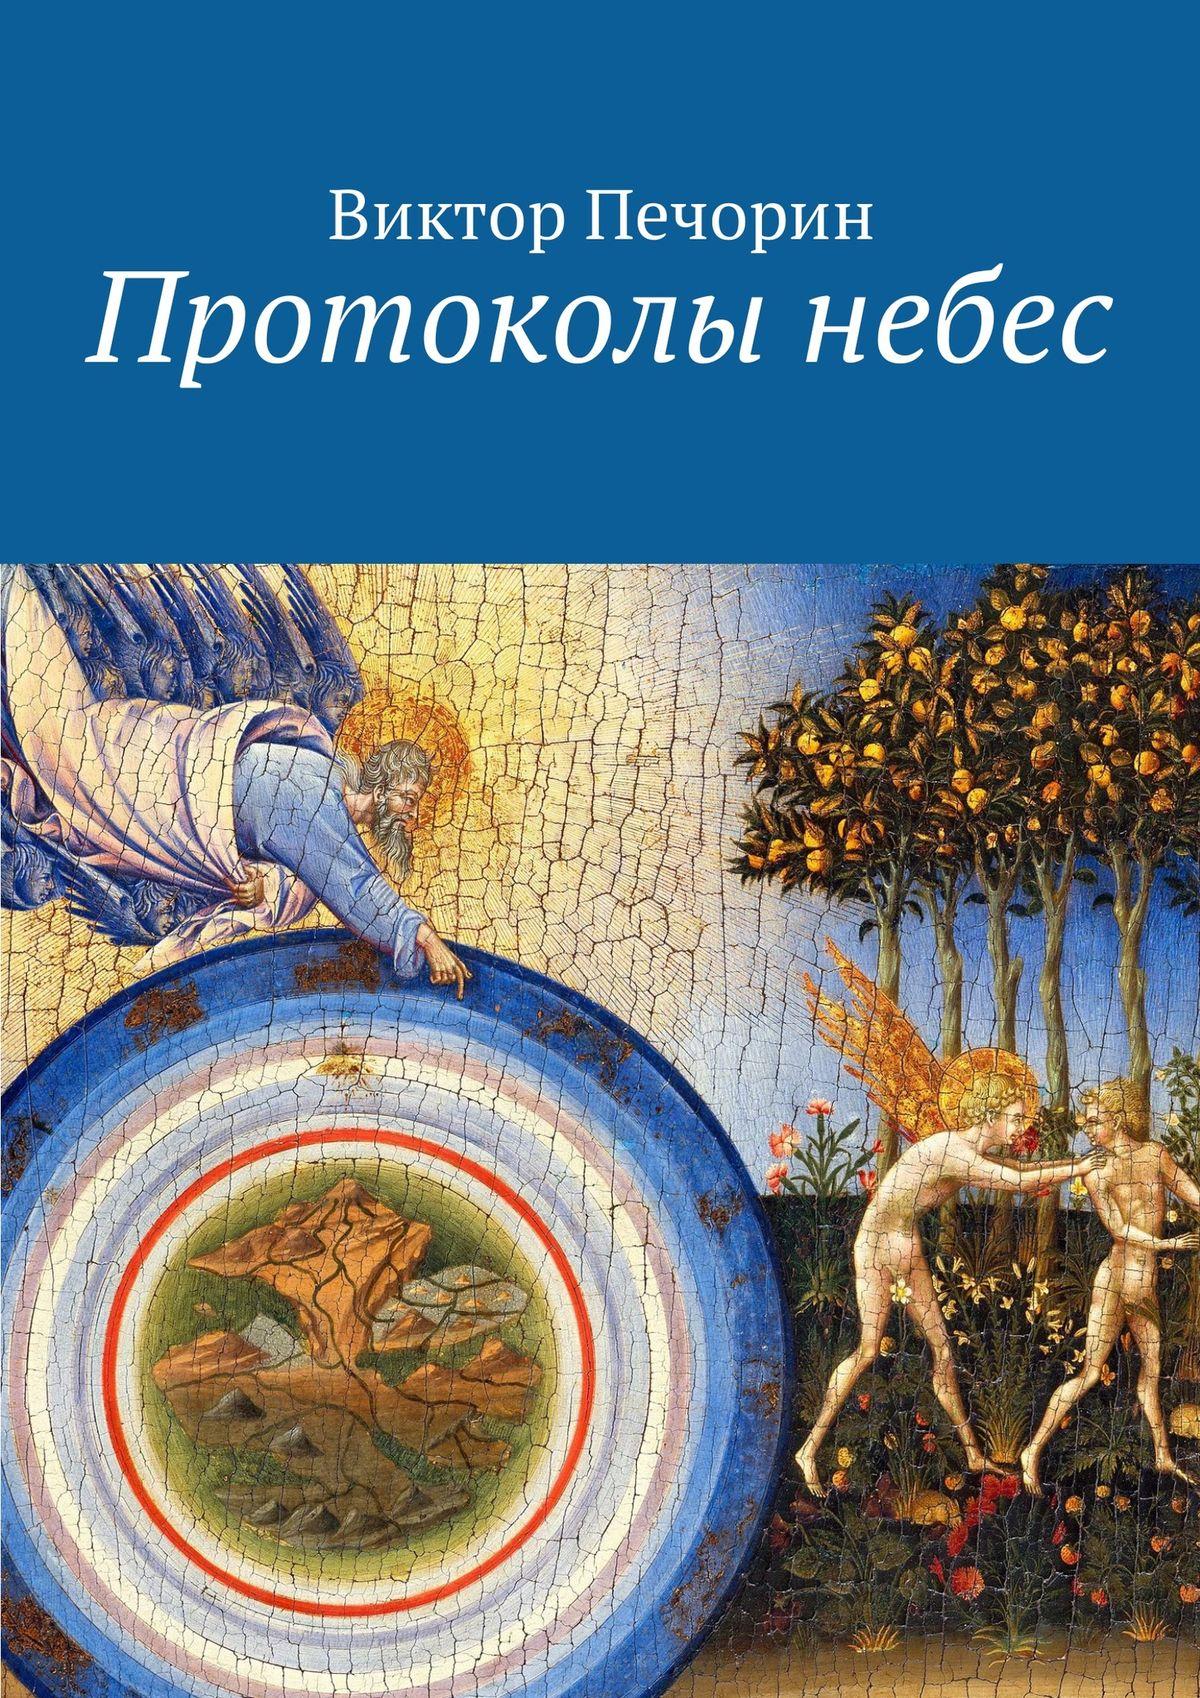 Виктор Печорин Протоколы небес